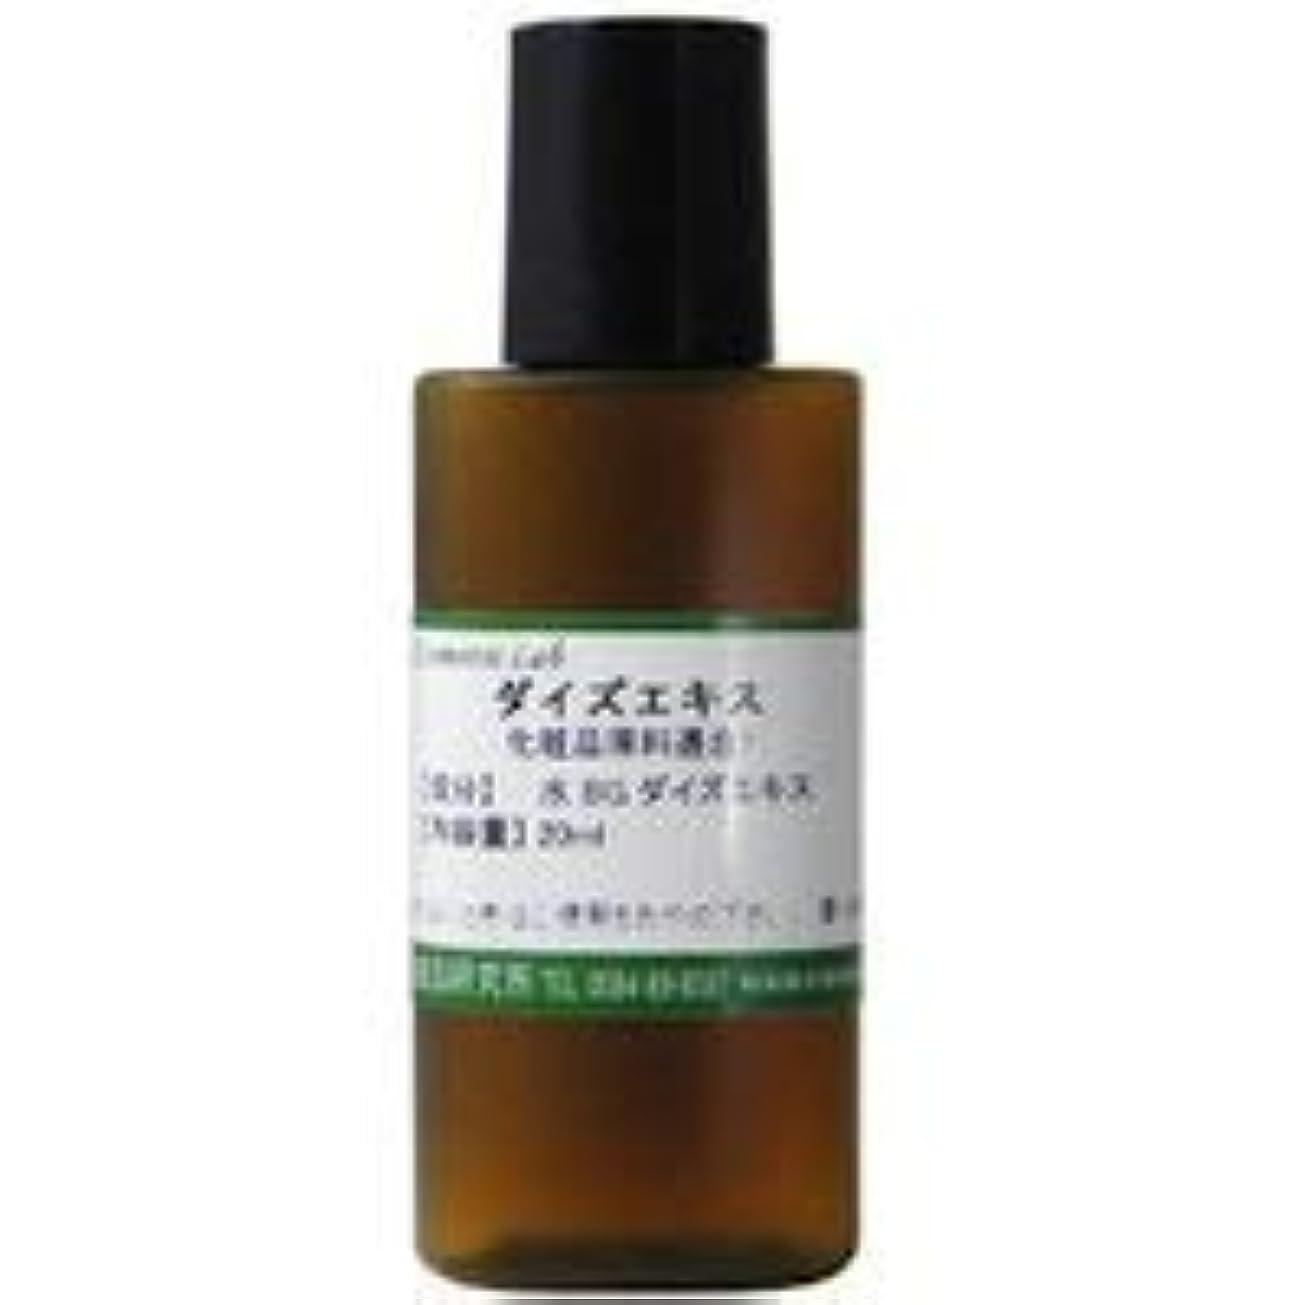 侵入するインフラソート大豆エキス 20ml 【手作り化粧品原料】